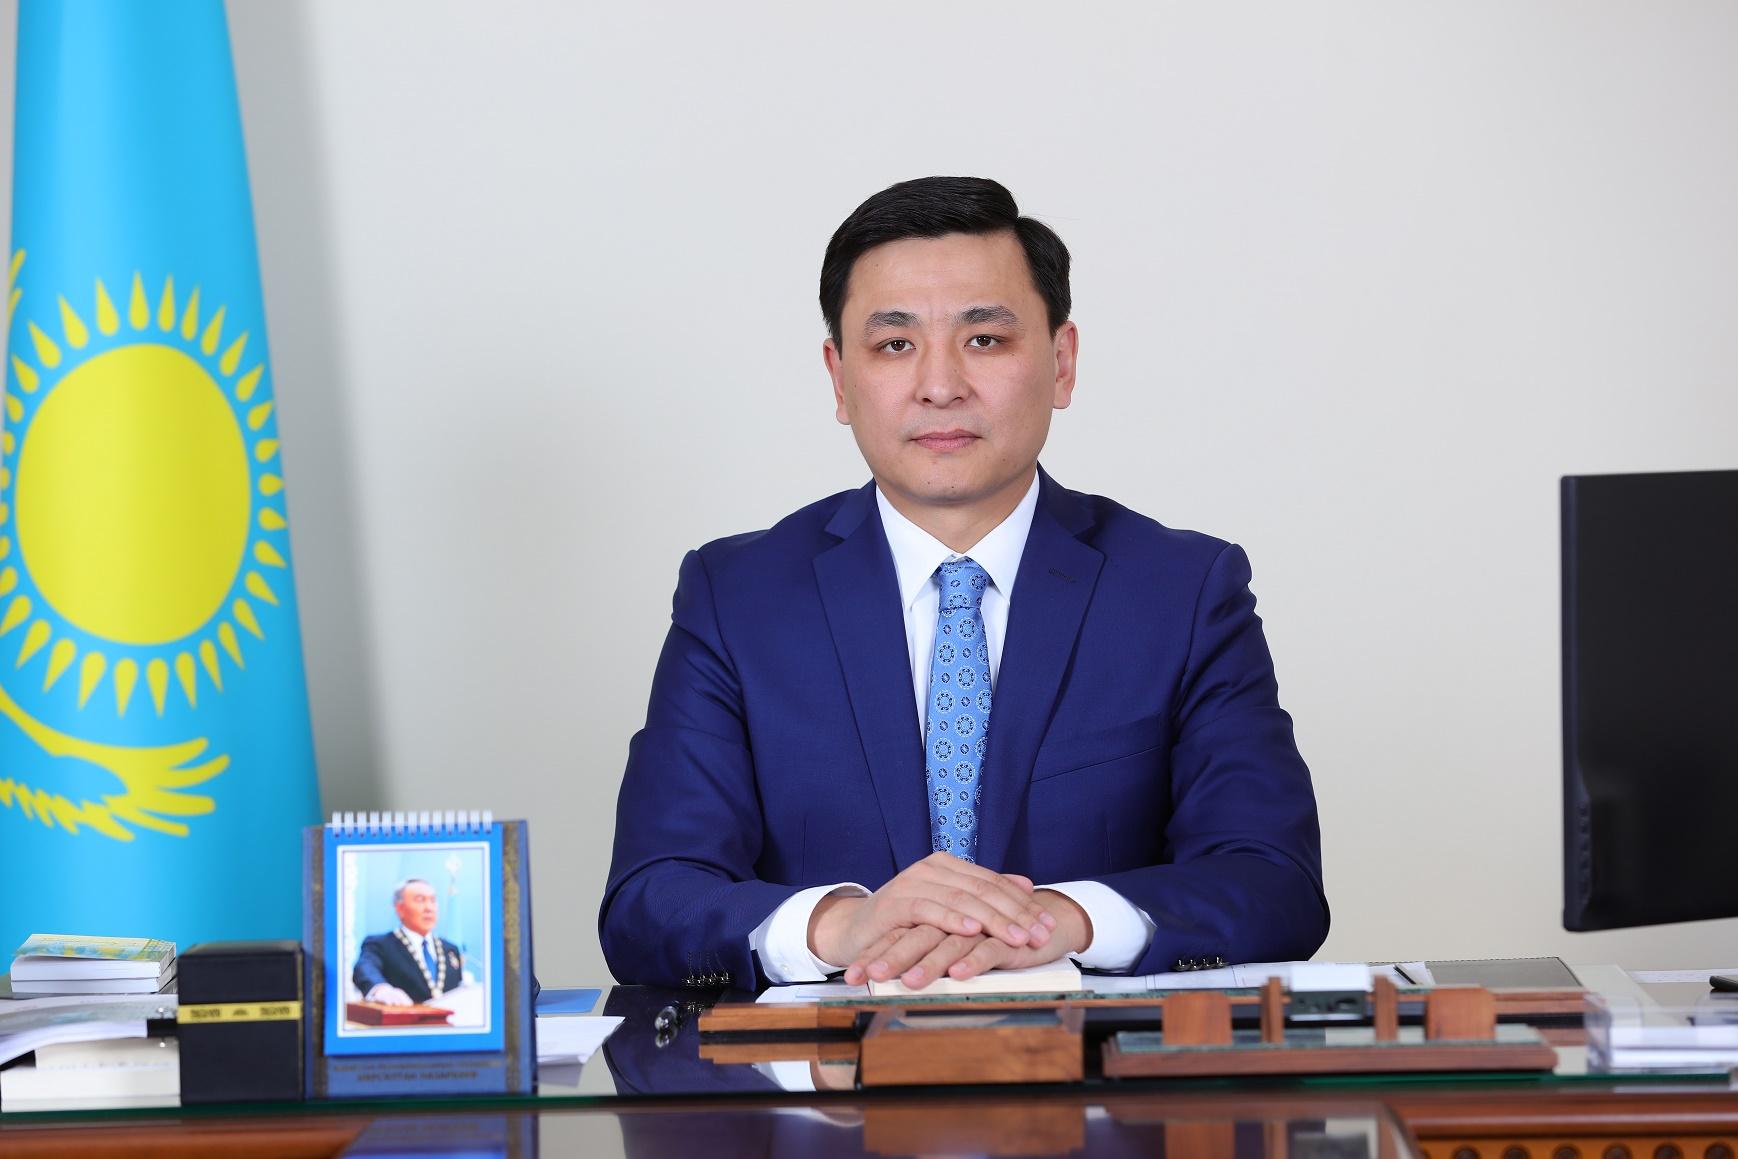 Досье: Кульгинов Алтай Сейдирович,  Алтай Кульгинов, Западно-Казахстанская область,  Аким